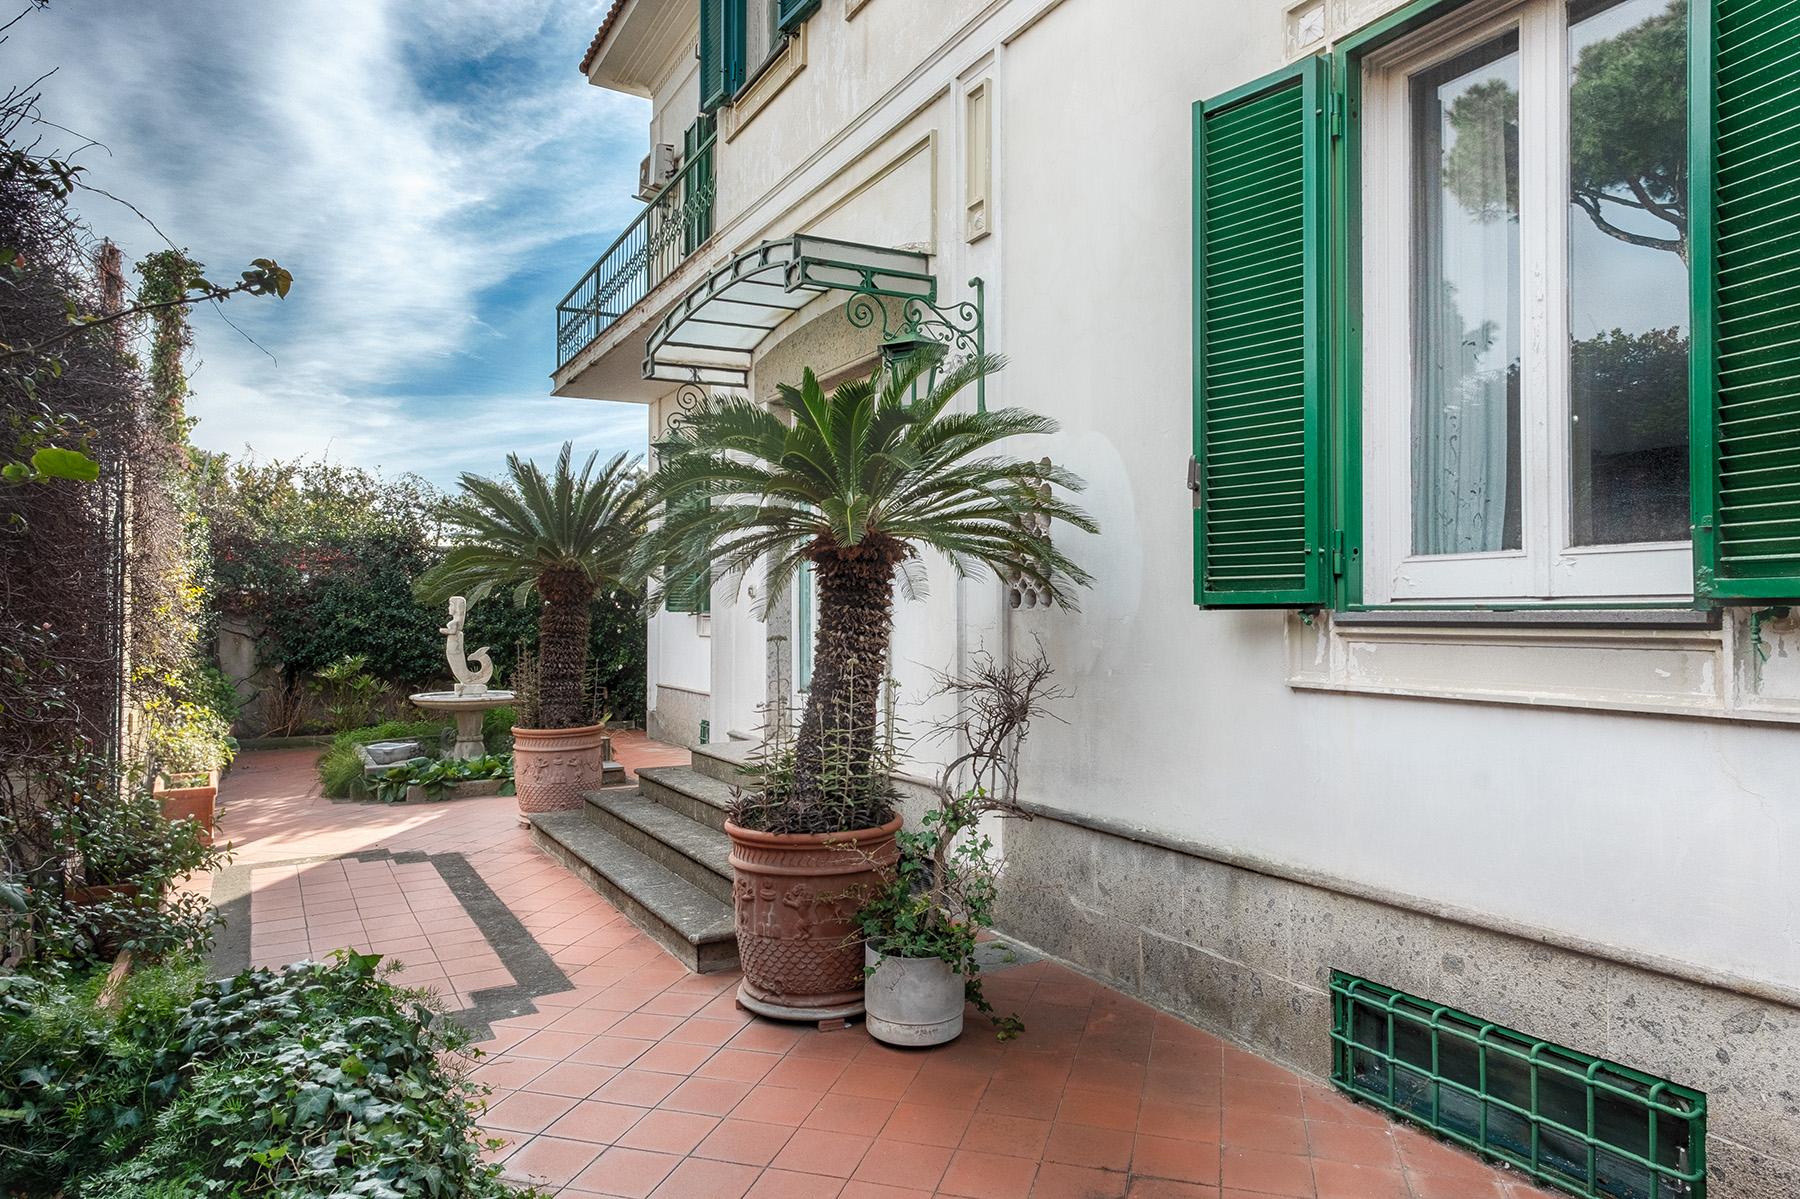 Villa in Vendita a Napoli: 5 locali, 350 mq - Foto 3